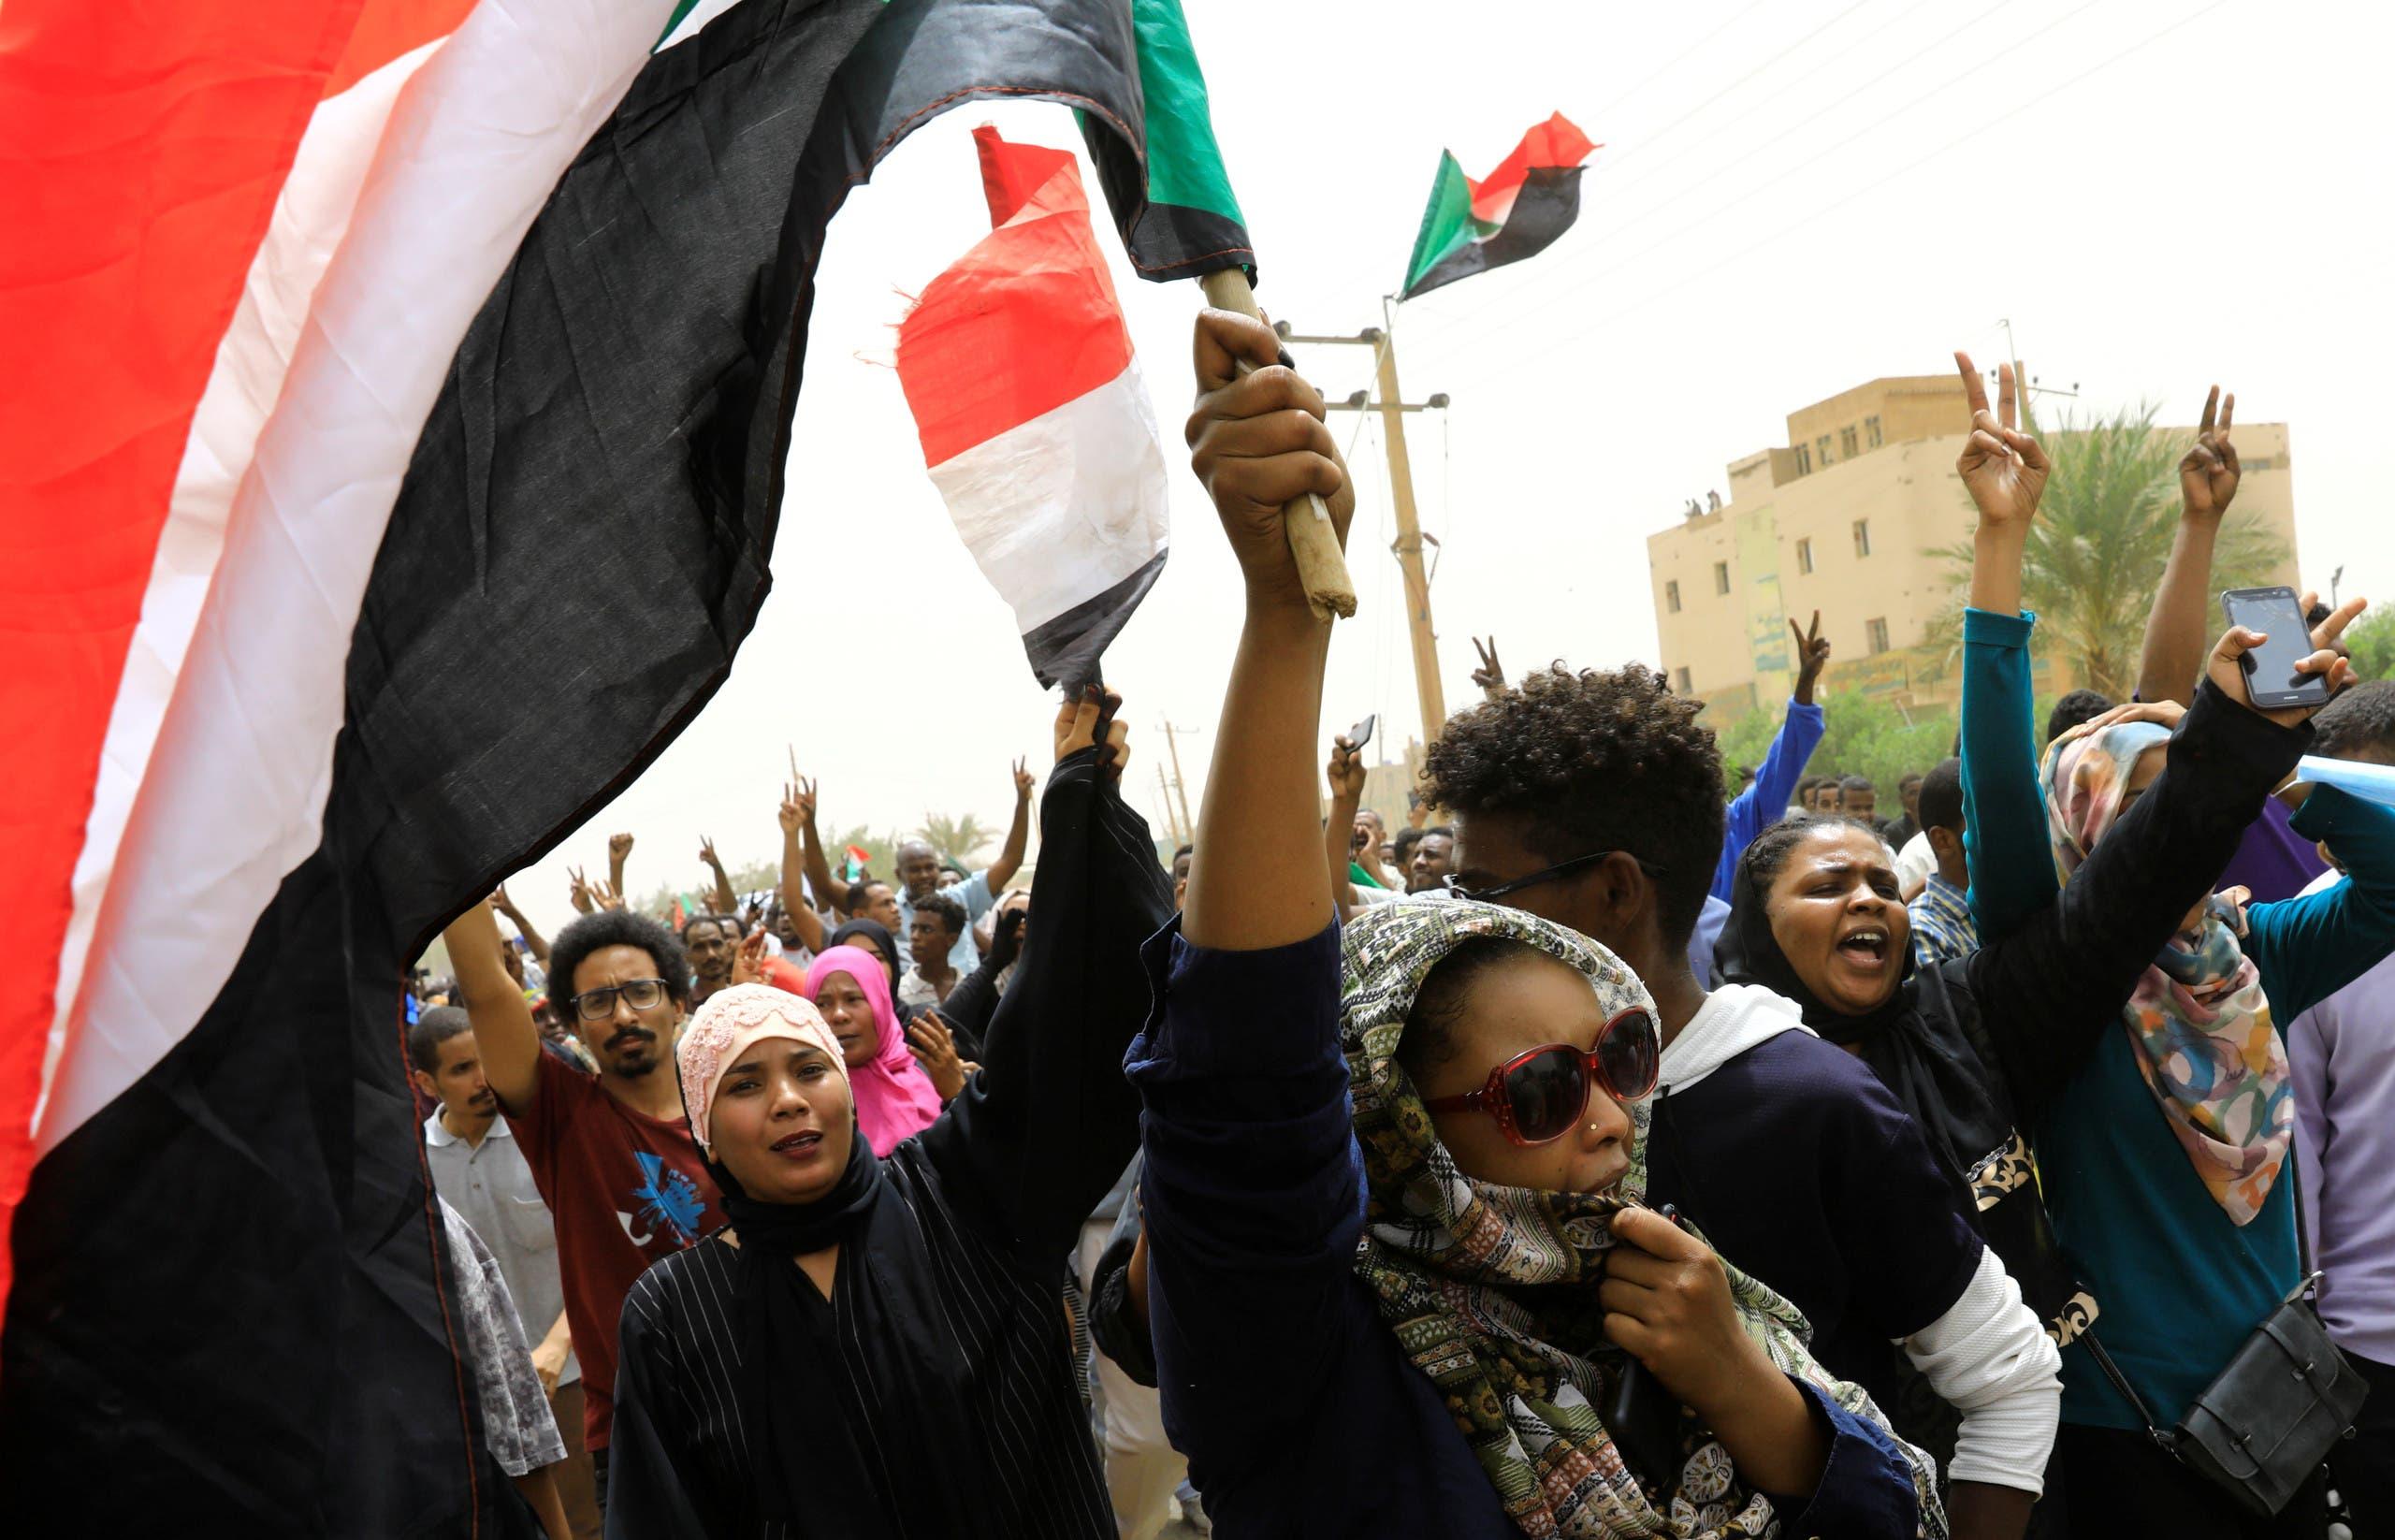 متظاهرون في شوارع الخرطوم الأحد 30 يونيو (رويترز)